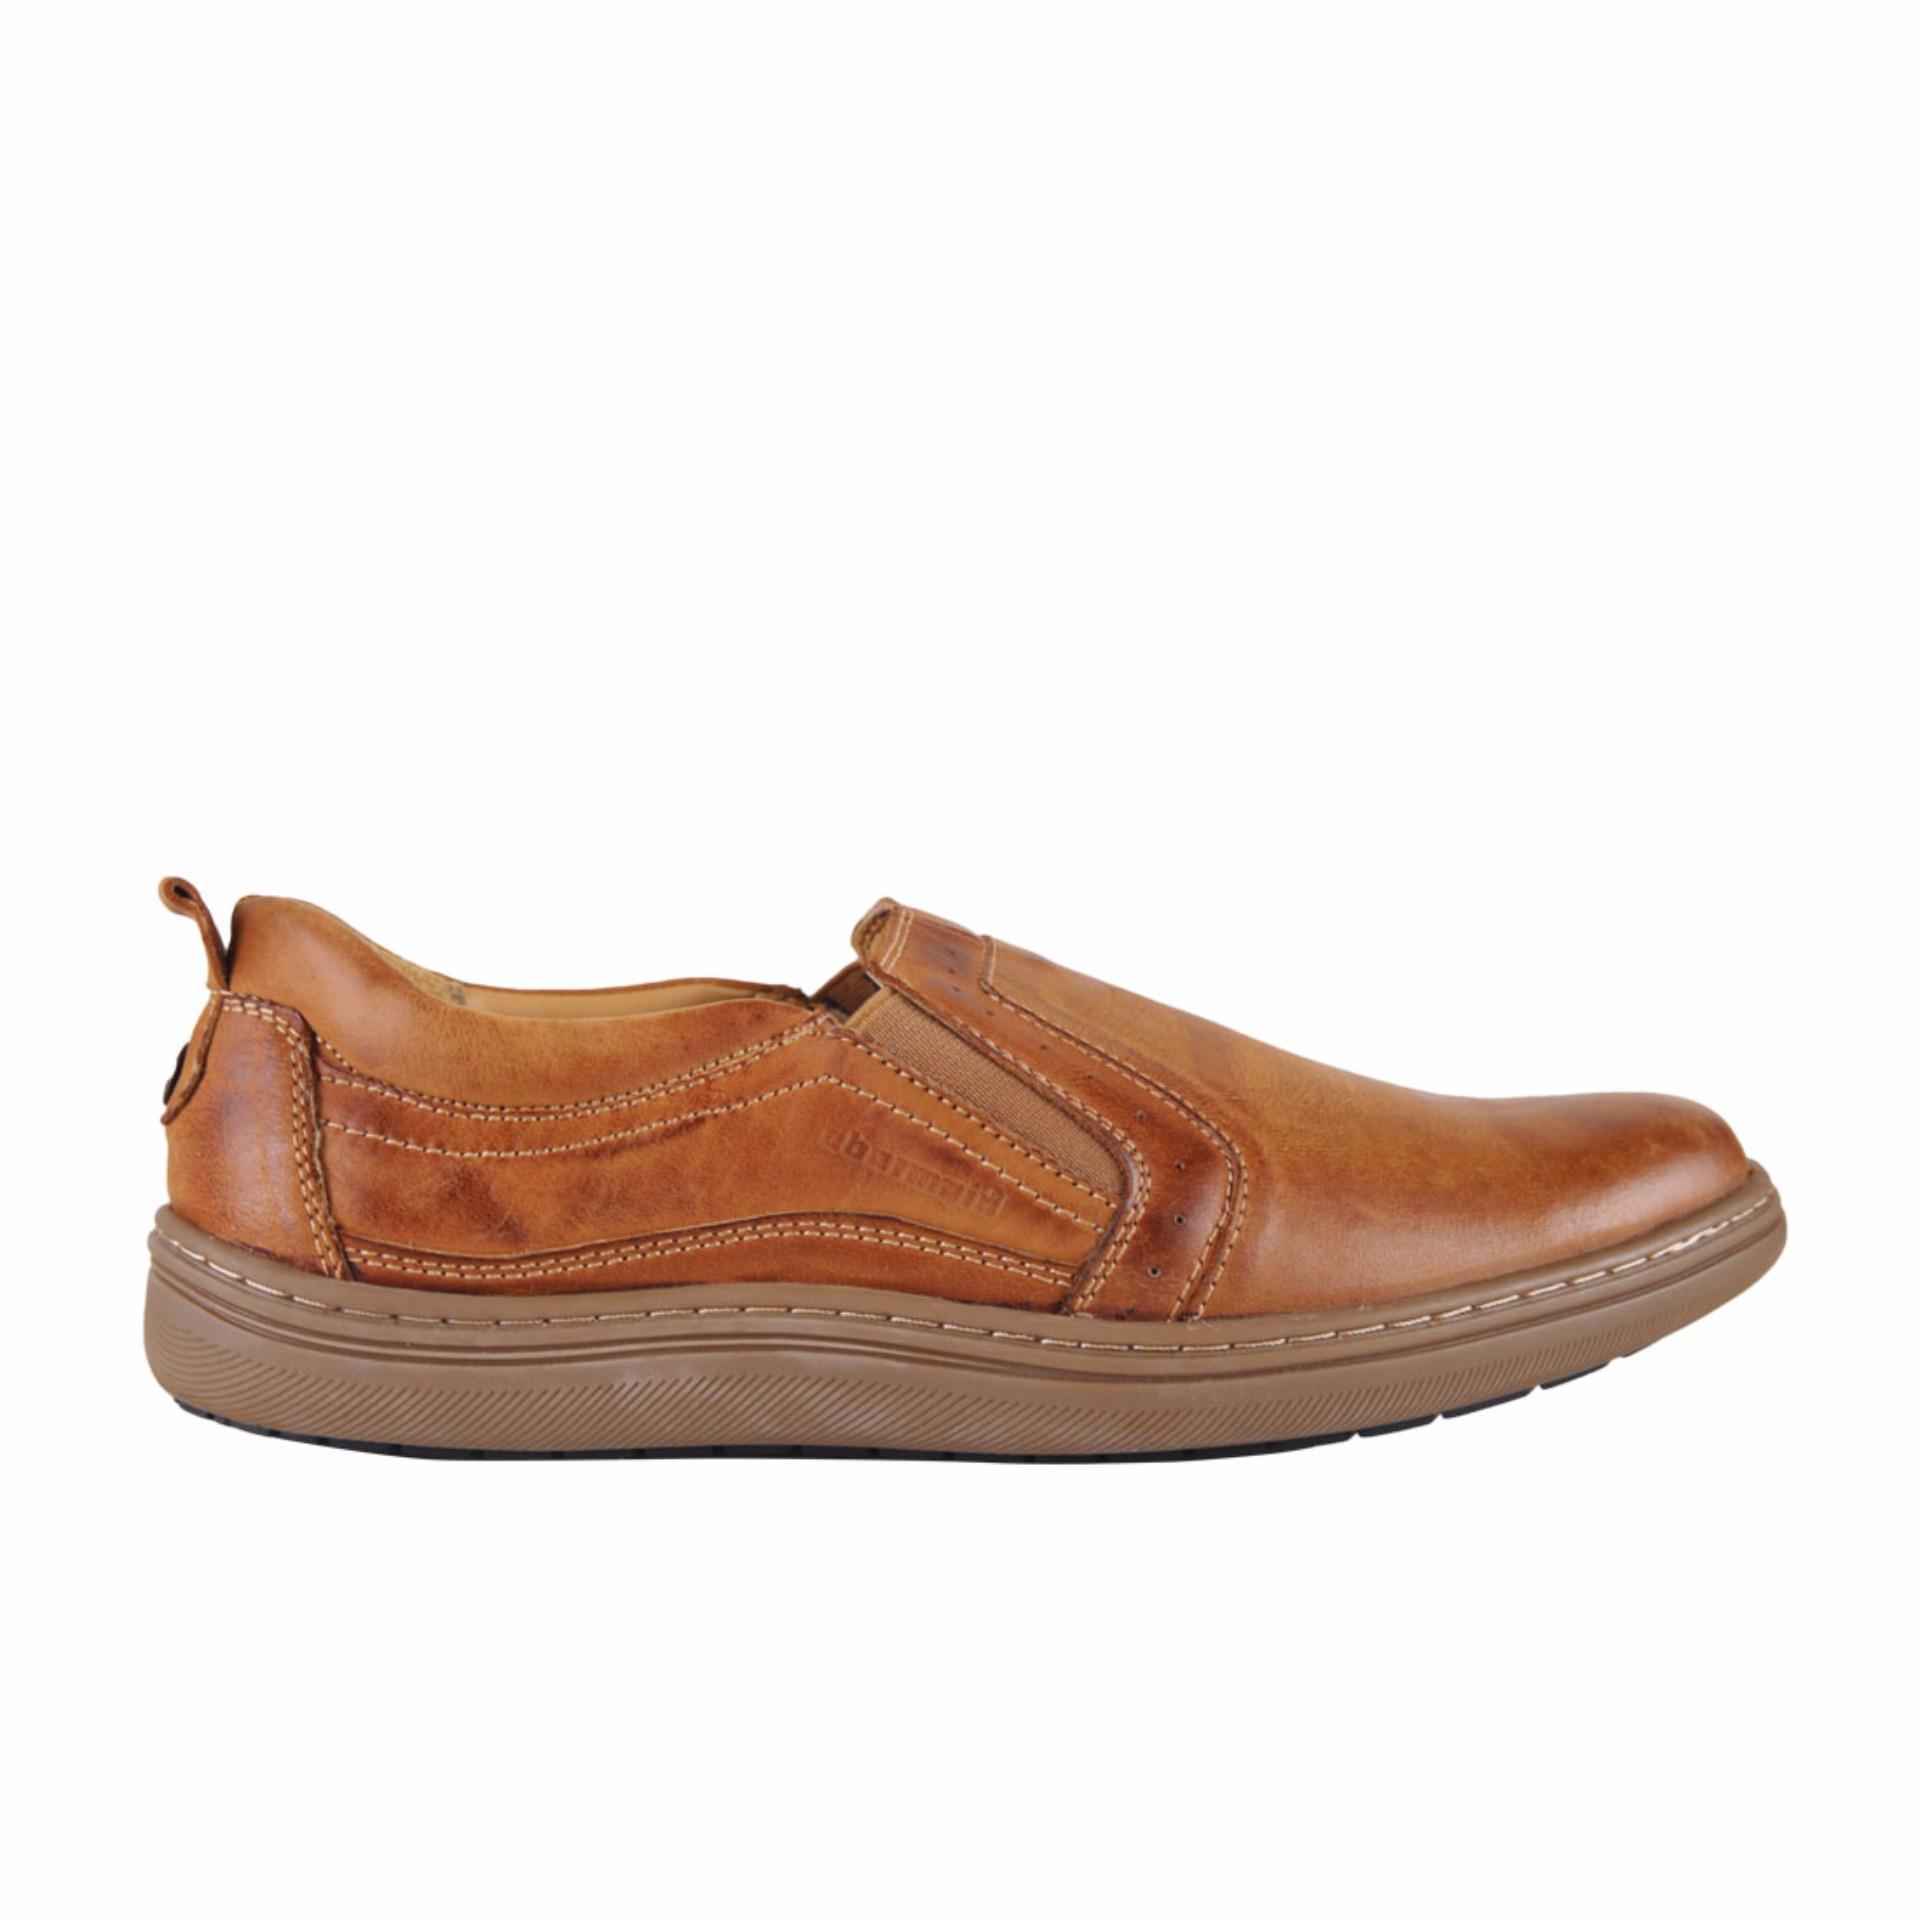 Spesifikasi Obermain Jared Sepatu Pria Oi6111Tn Yg Baik